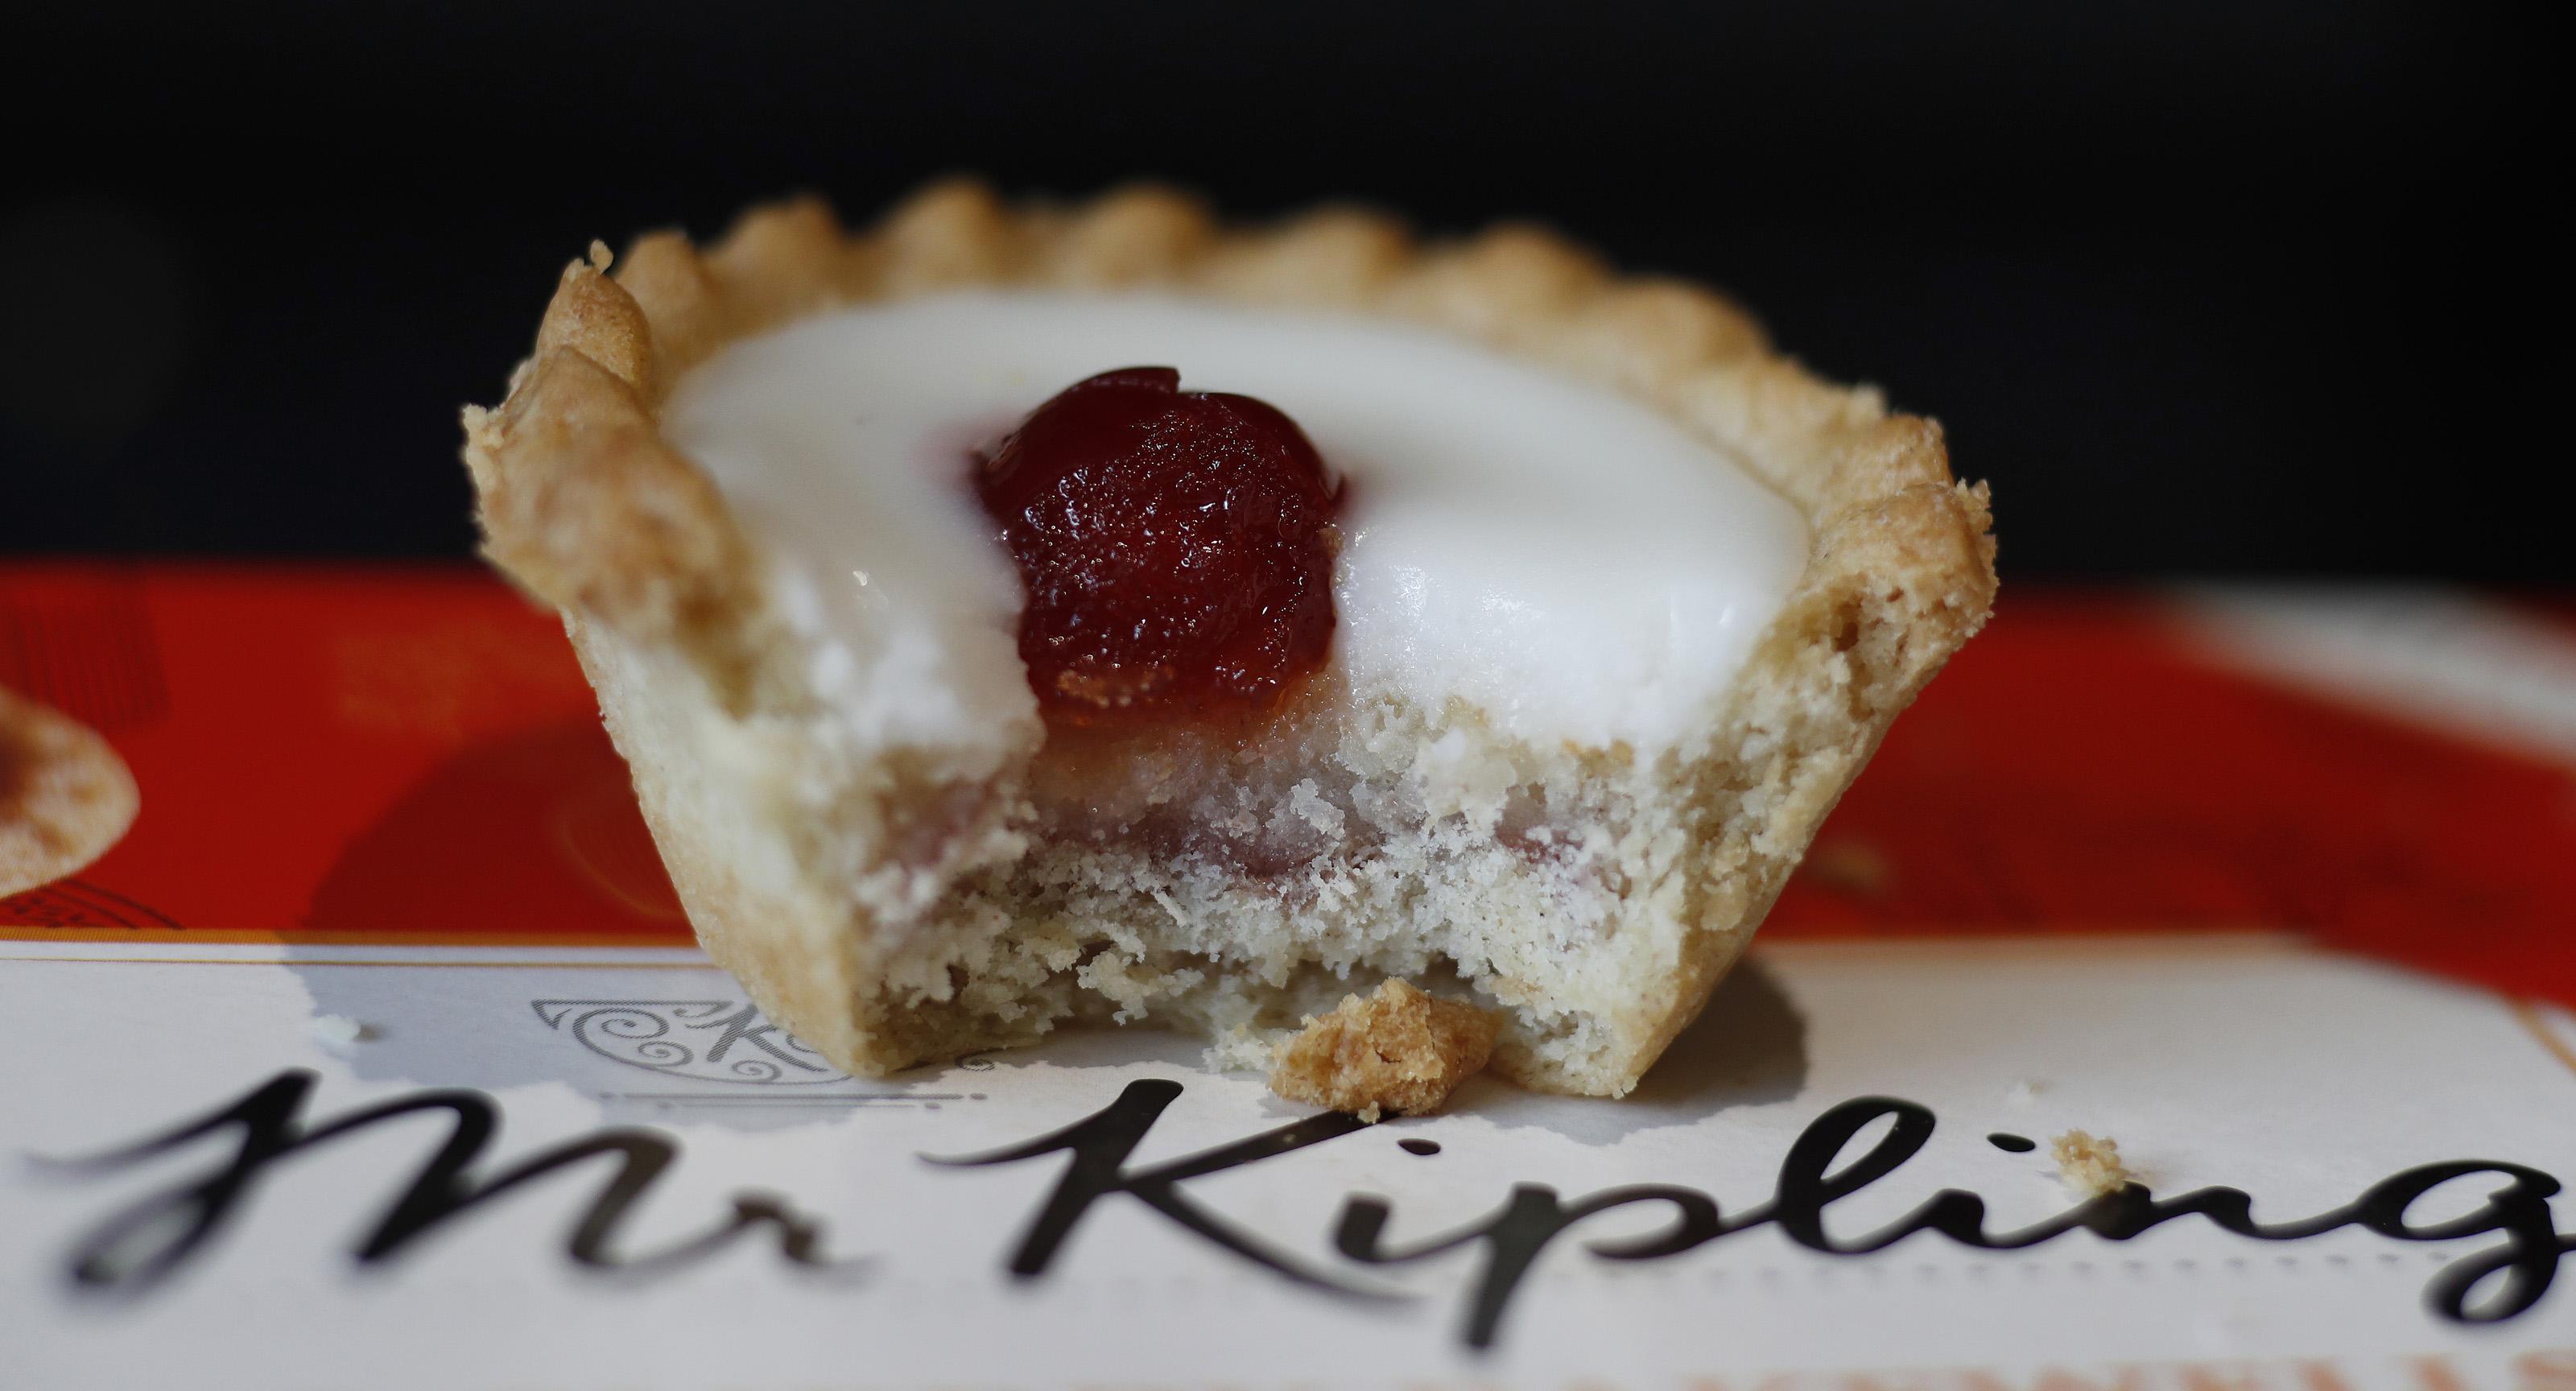 Mr. Kipling demand pushes Premier Foods sales in key Christmas period